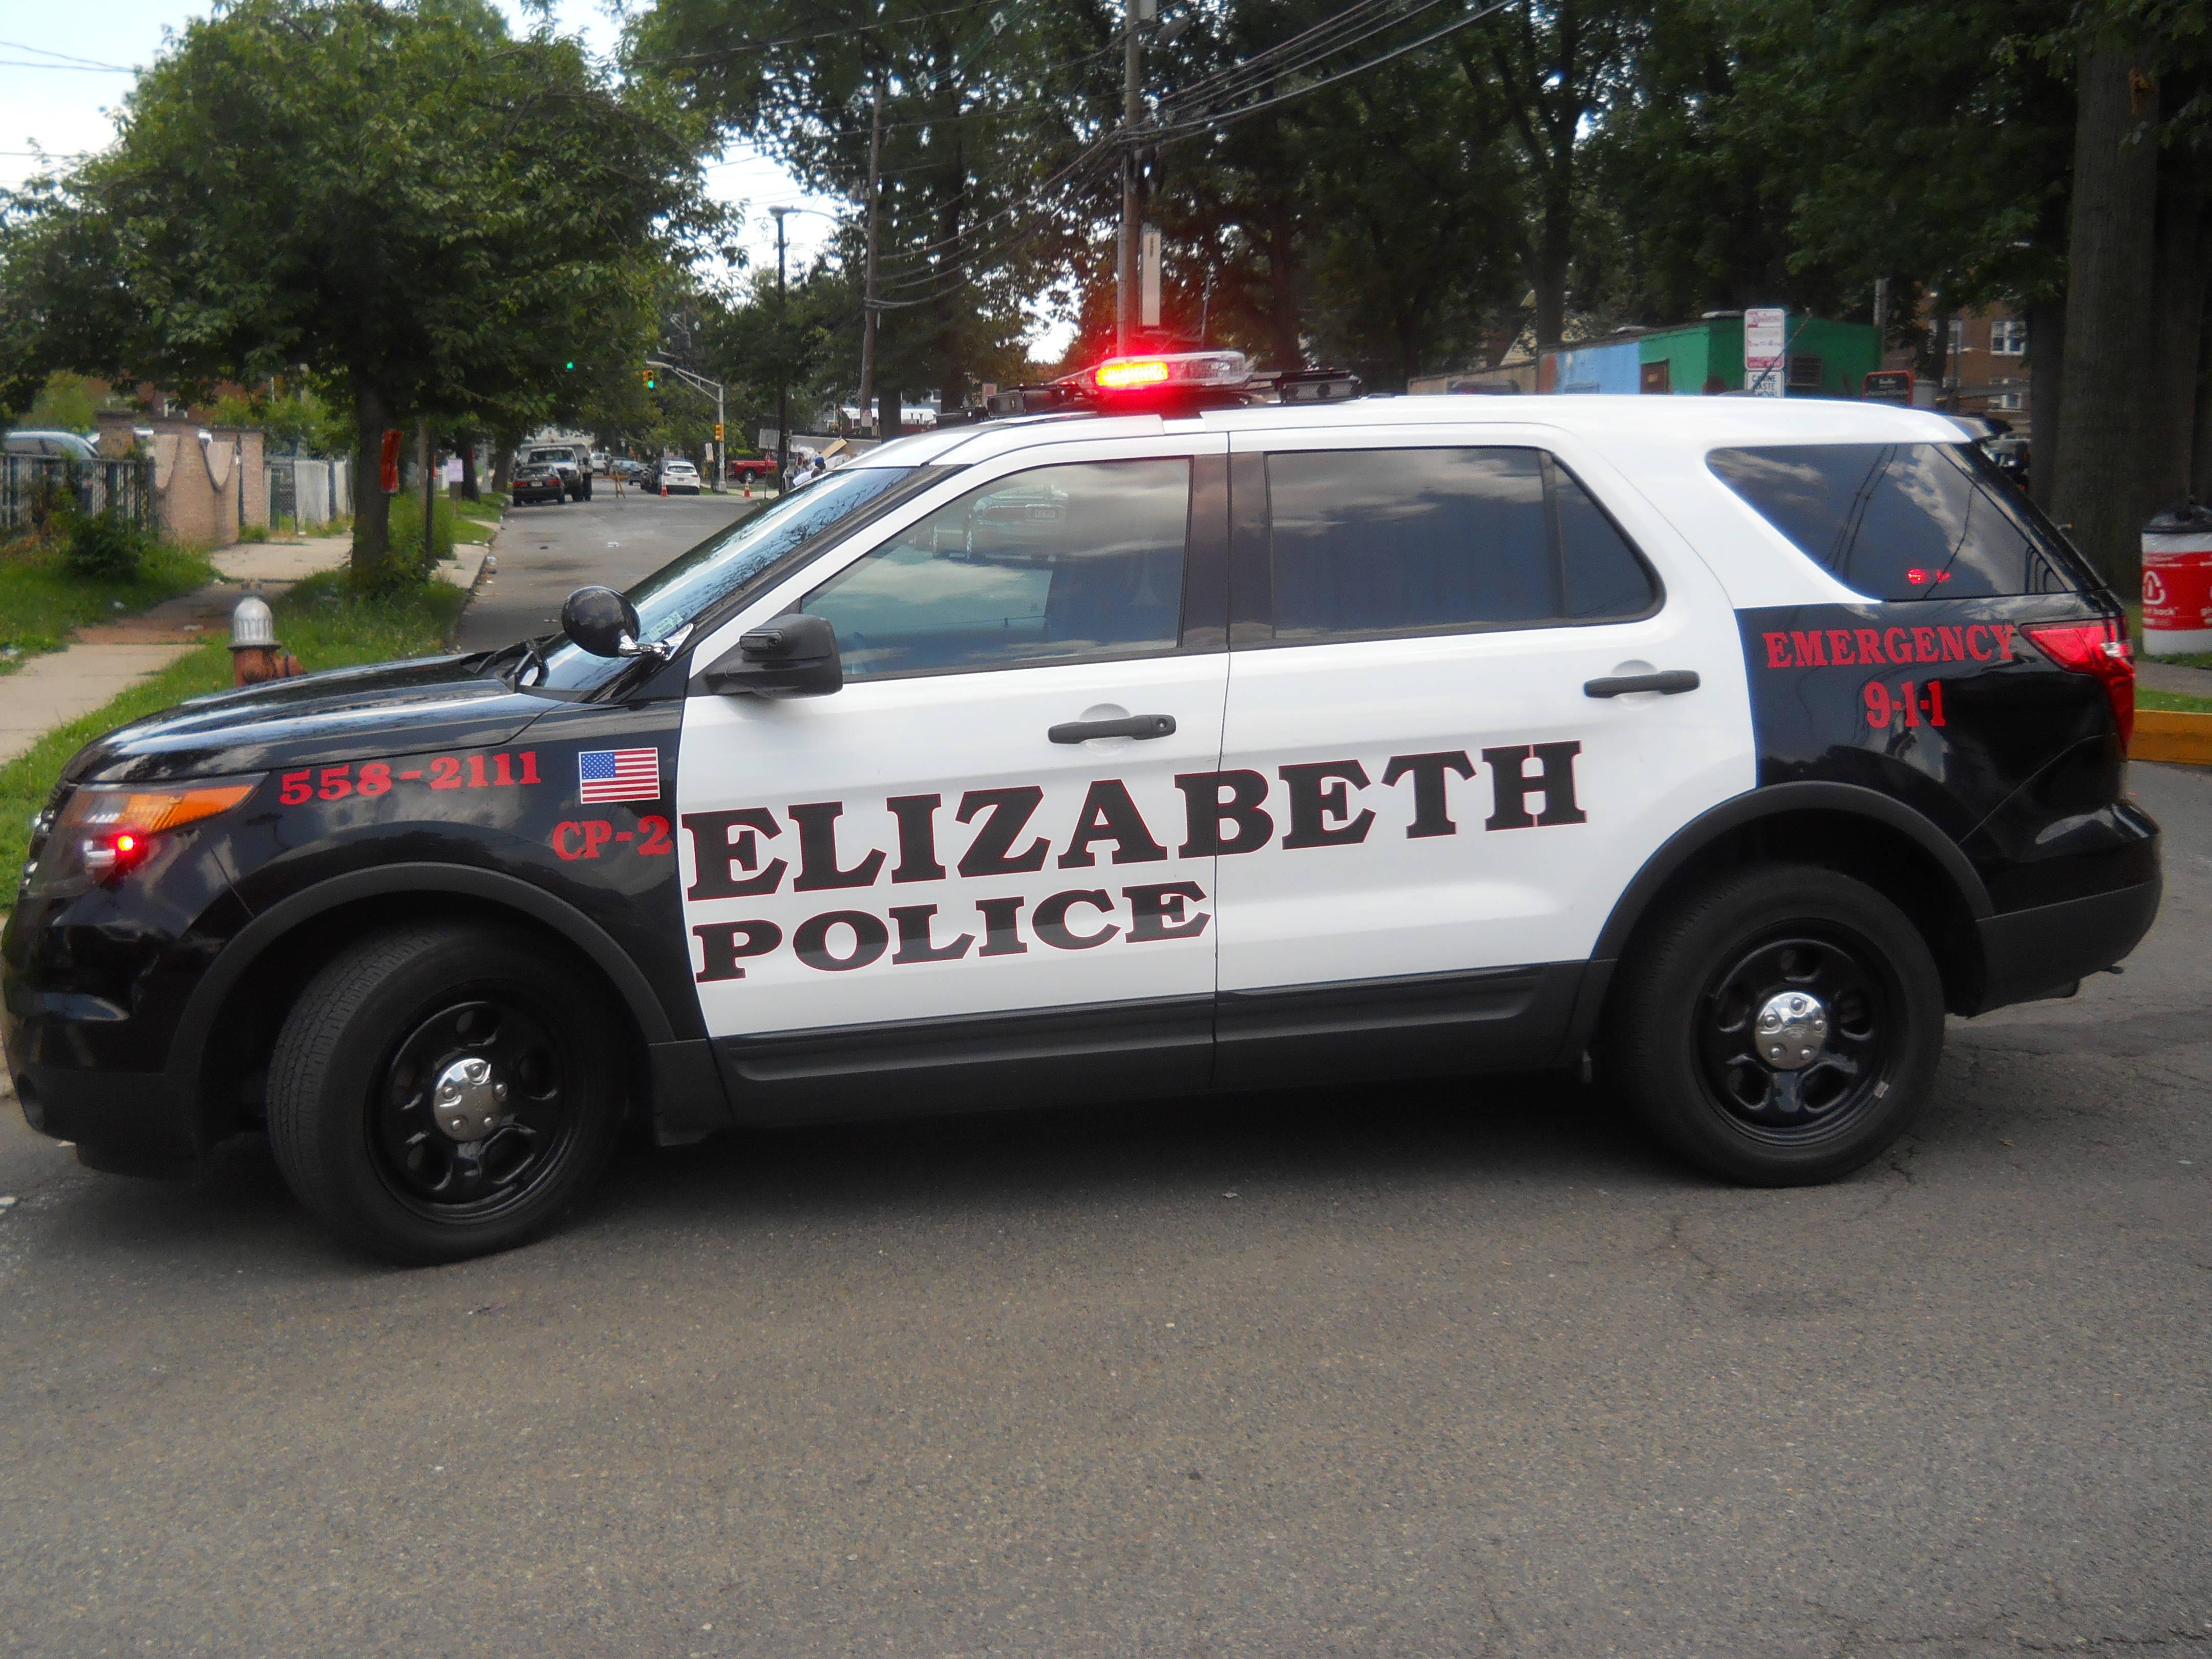 63395c05f95ad1165ef0_Police_Car.jpg